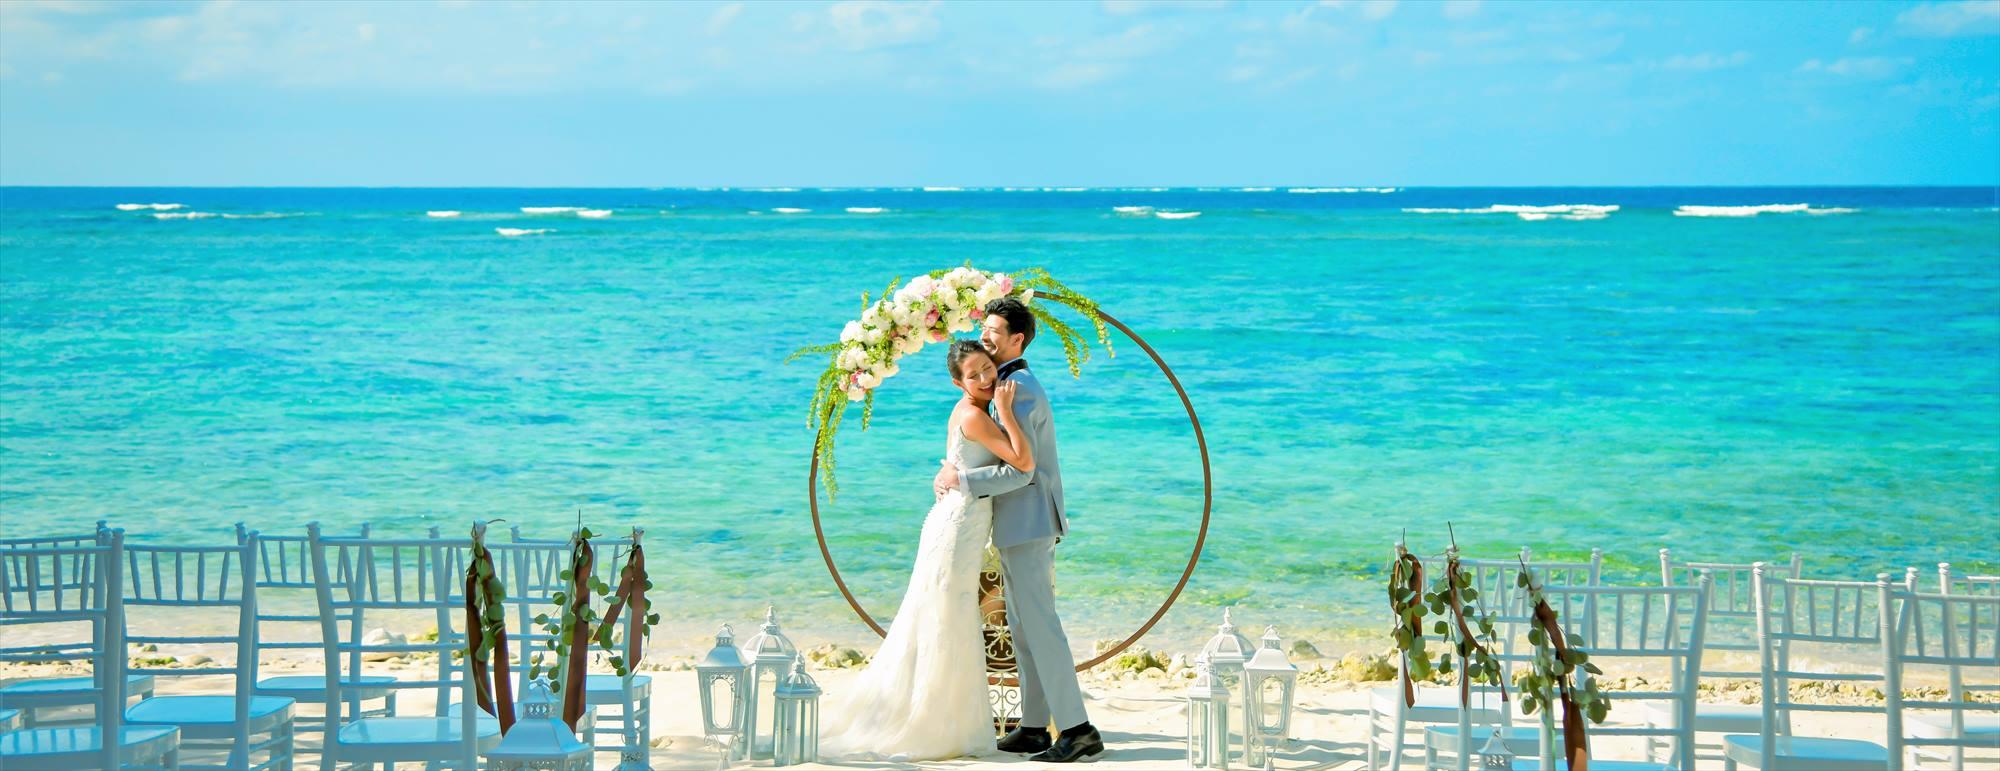 沖縄石垣島ビーチ・ウェディング Ishigaki Island Okinawa Coral Terrace Beach Wedding コーラル・テラス石垣島挙式